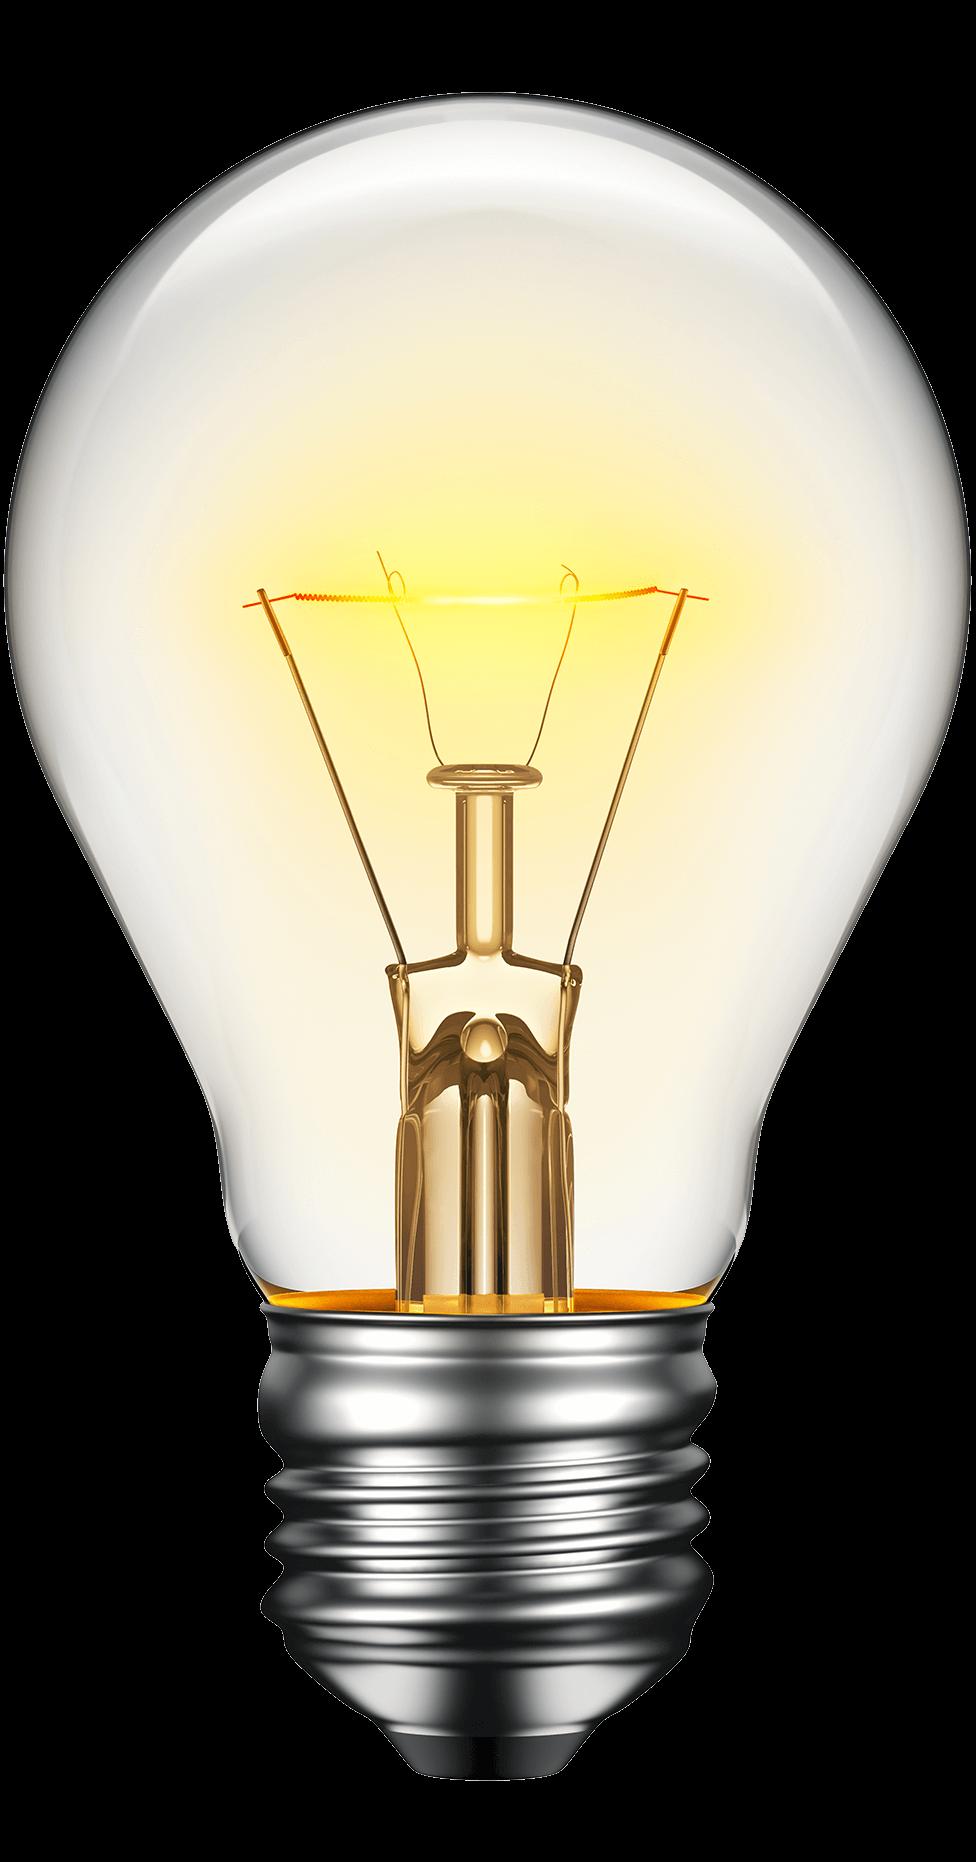 Inventor's Hub Idea Lightbulb